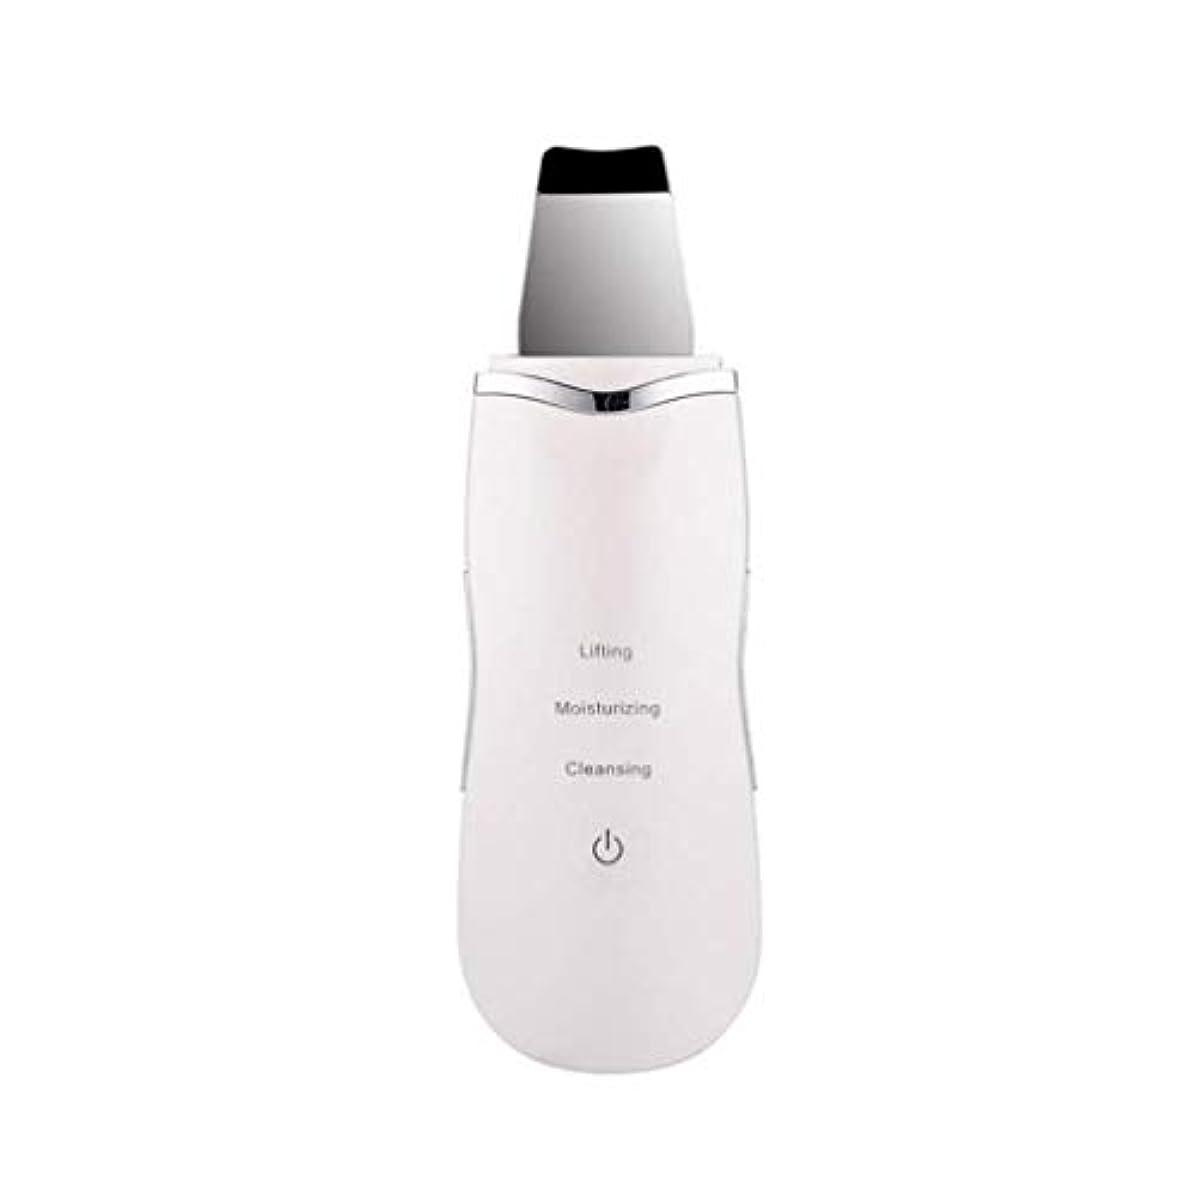 ブートクリスマス傾向がある電気美容マッサージ器、超音波顔の皮膚ディープクリーナー、イオンマッサージスキンケア美容機器、充電式、洗顔リンクルスキンケア機器 (Color : 白, Size : One size)